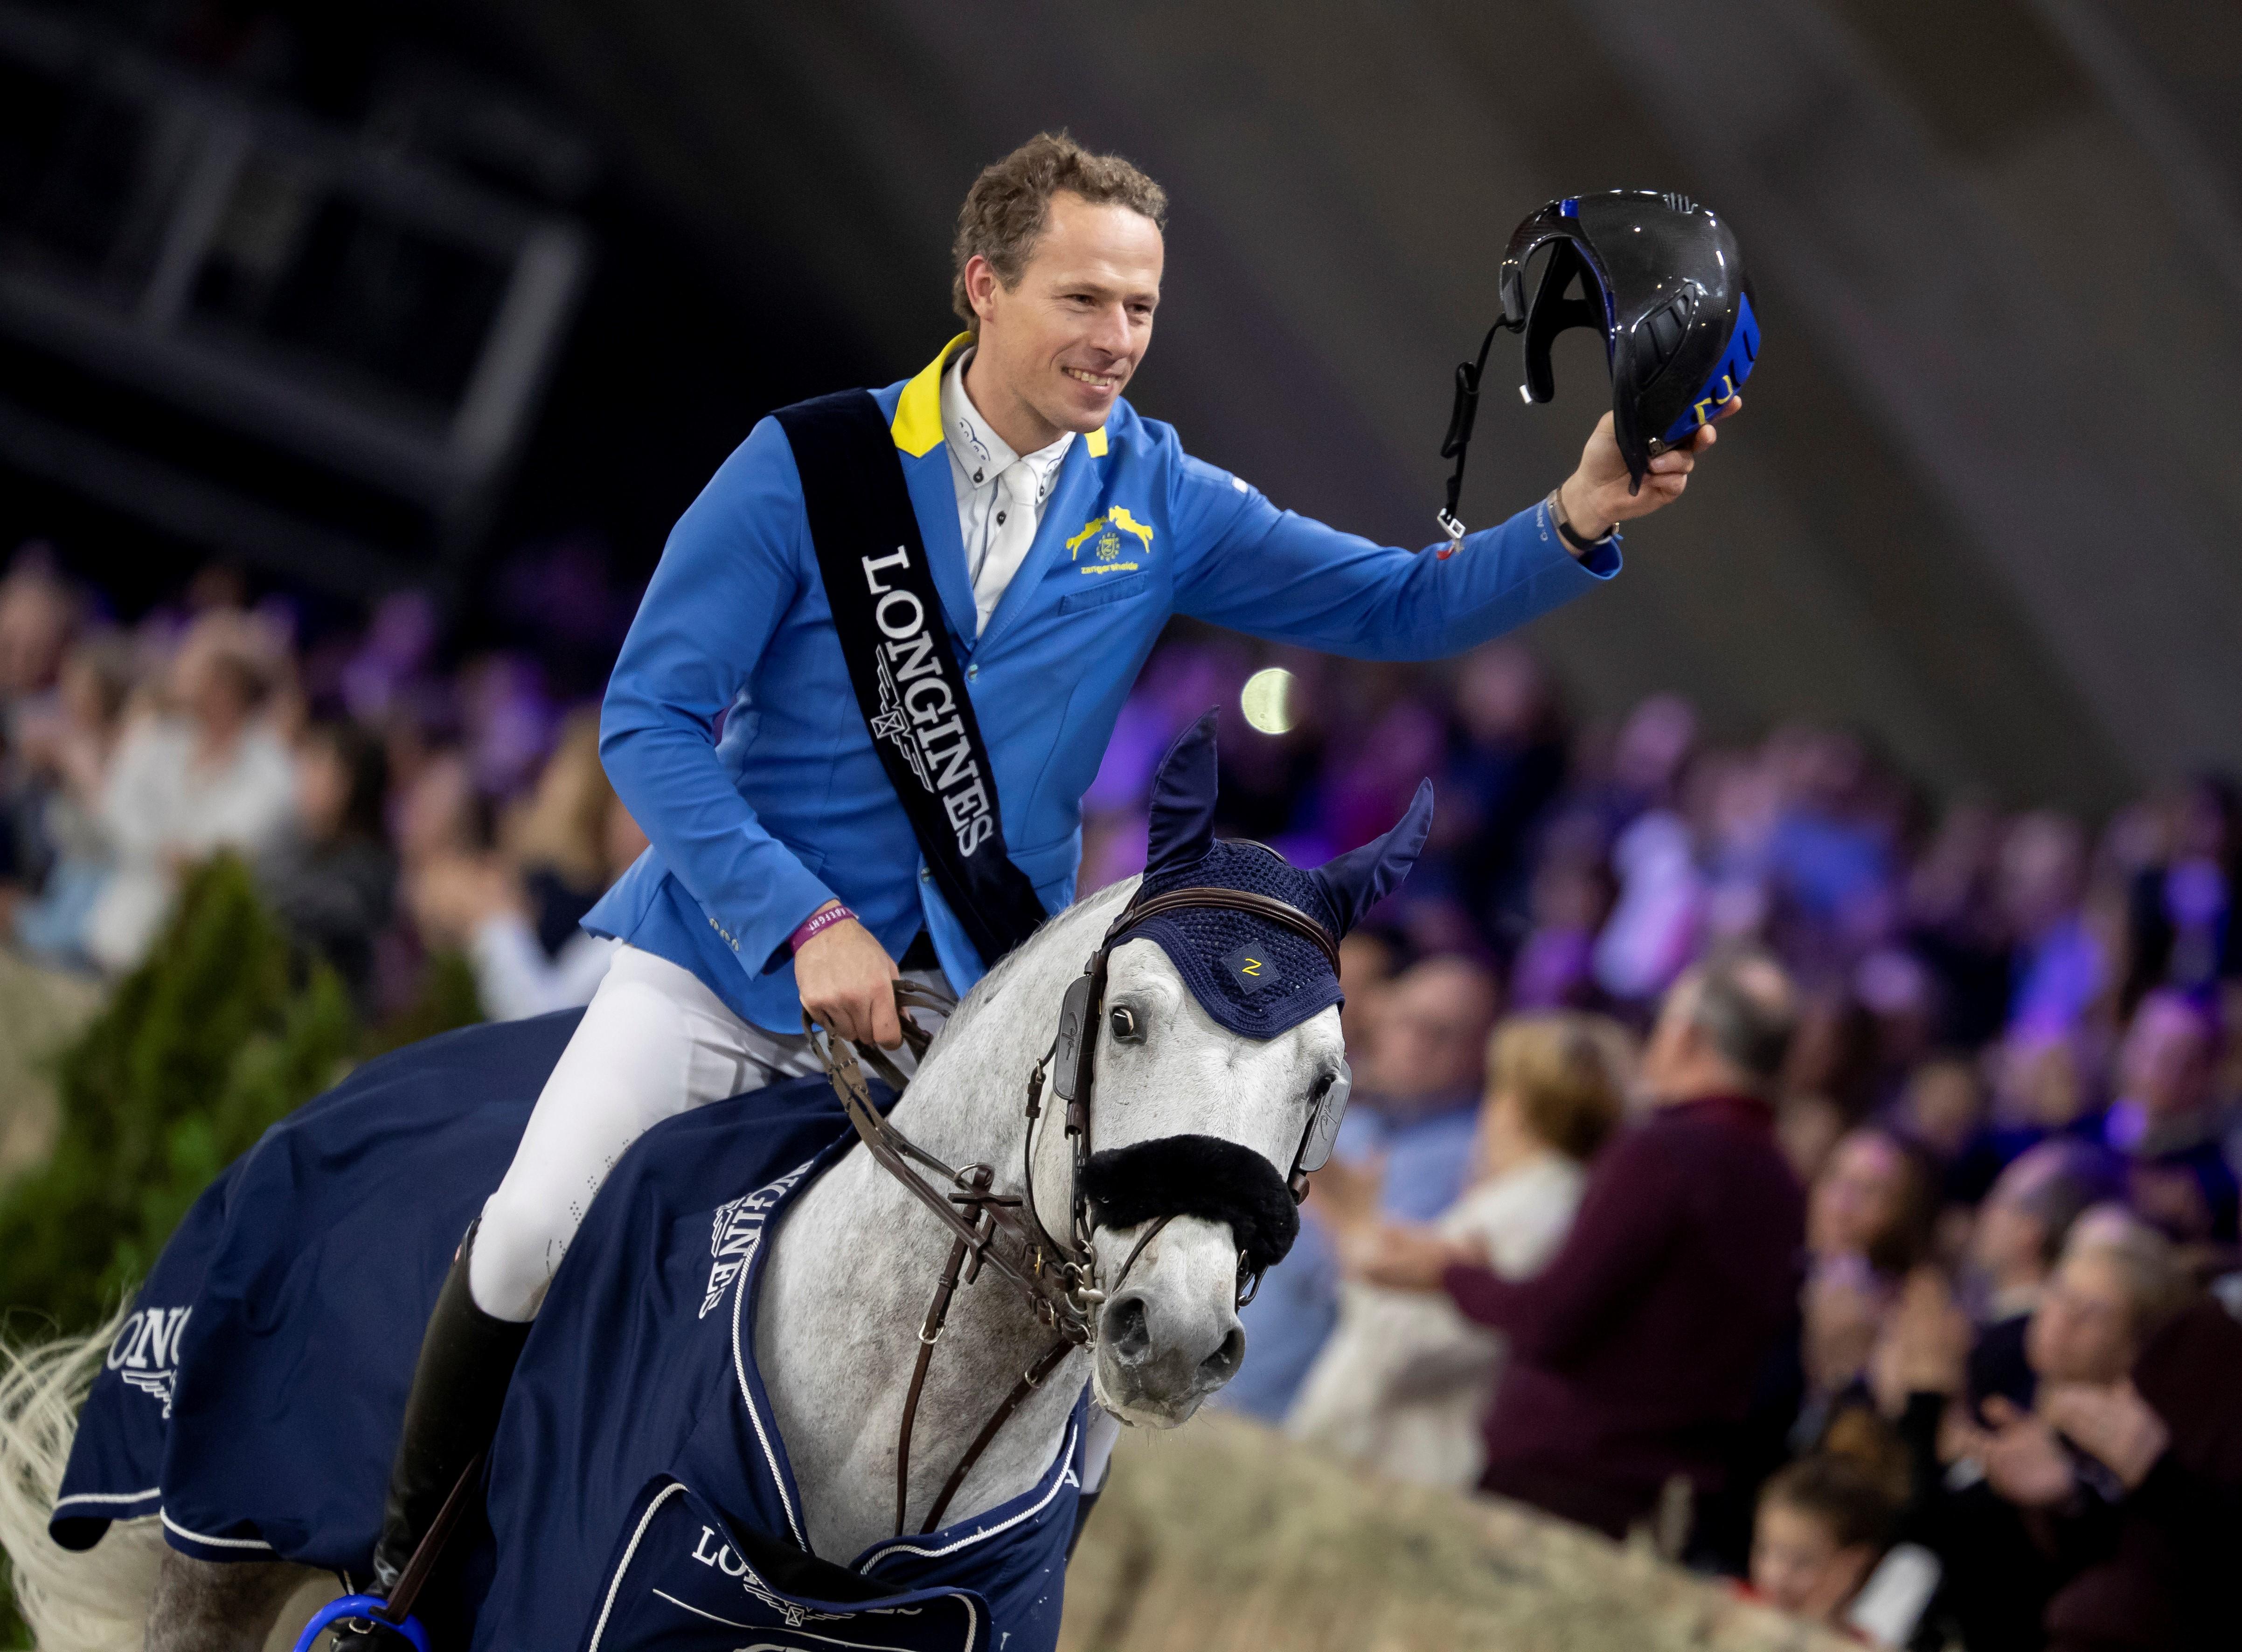 Mechelen: Christian Ahlmann gewinnt Weltcup